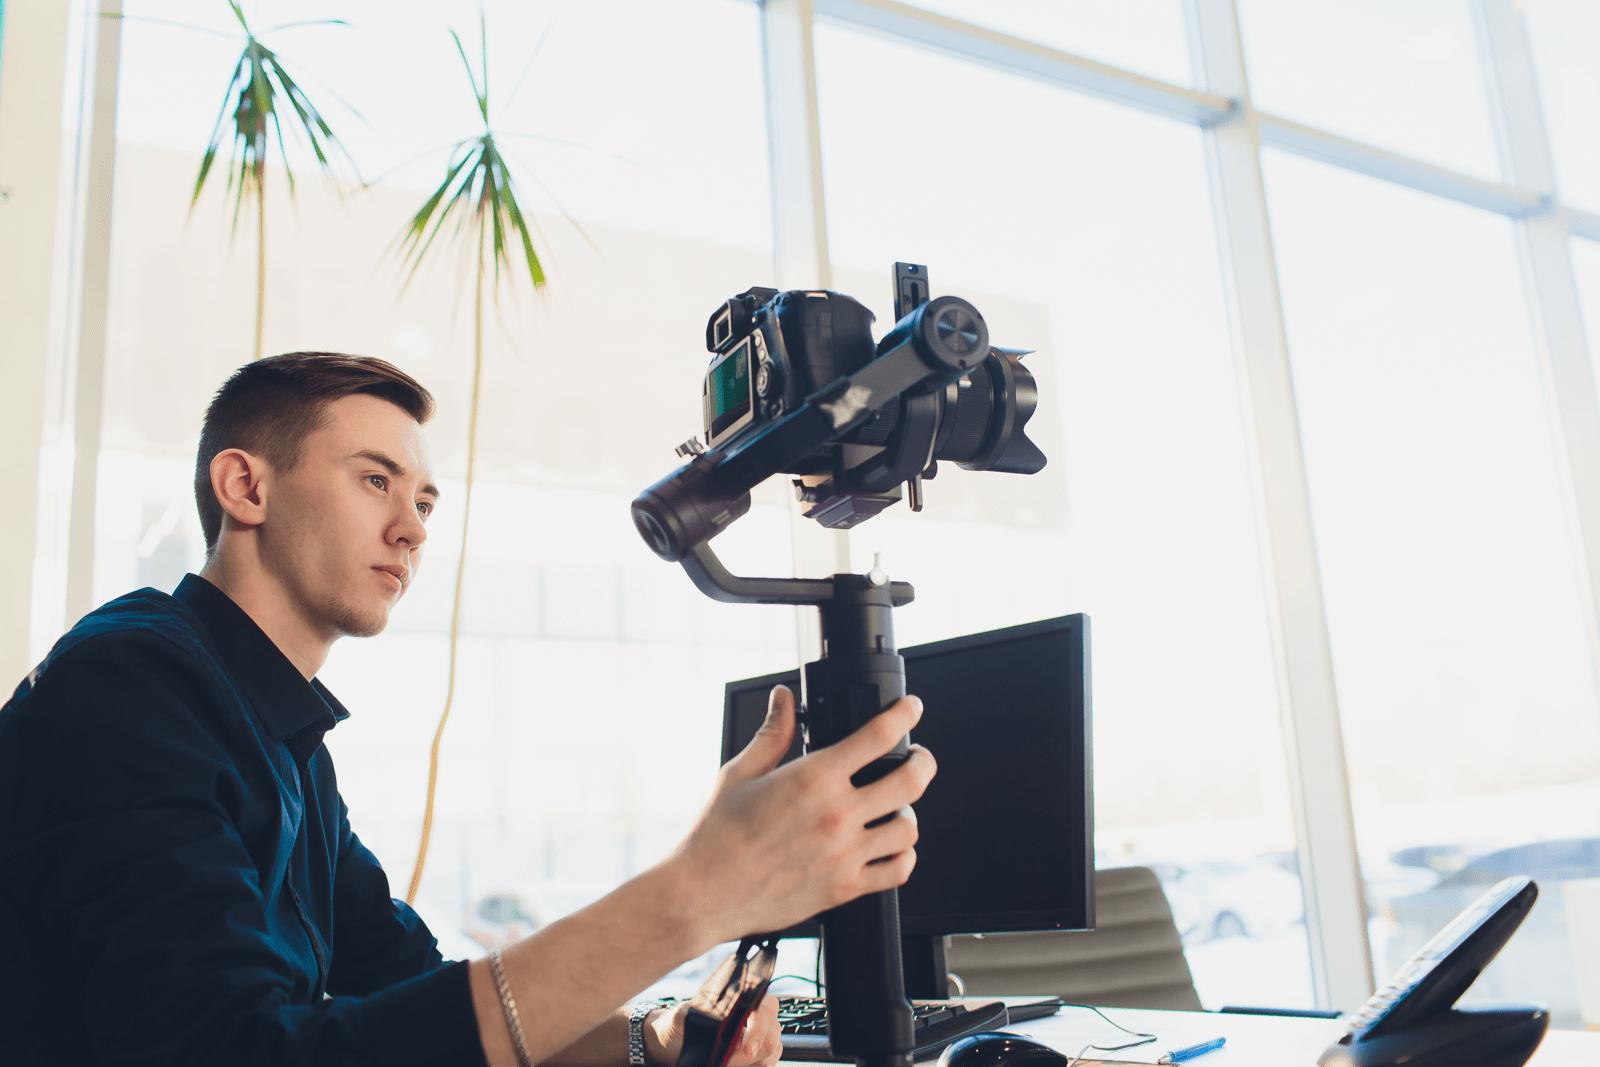 動画撮影の機材をセッティングする男性